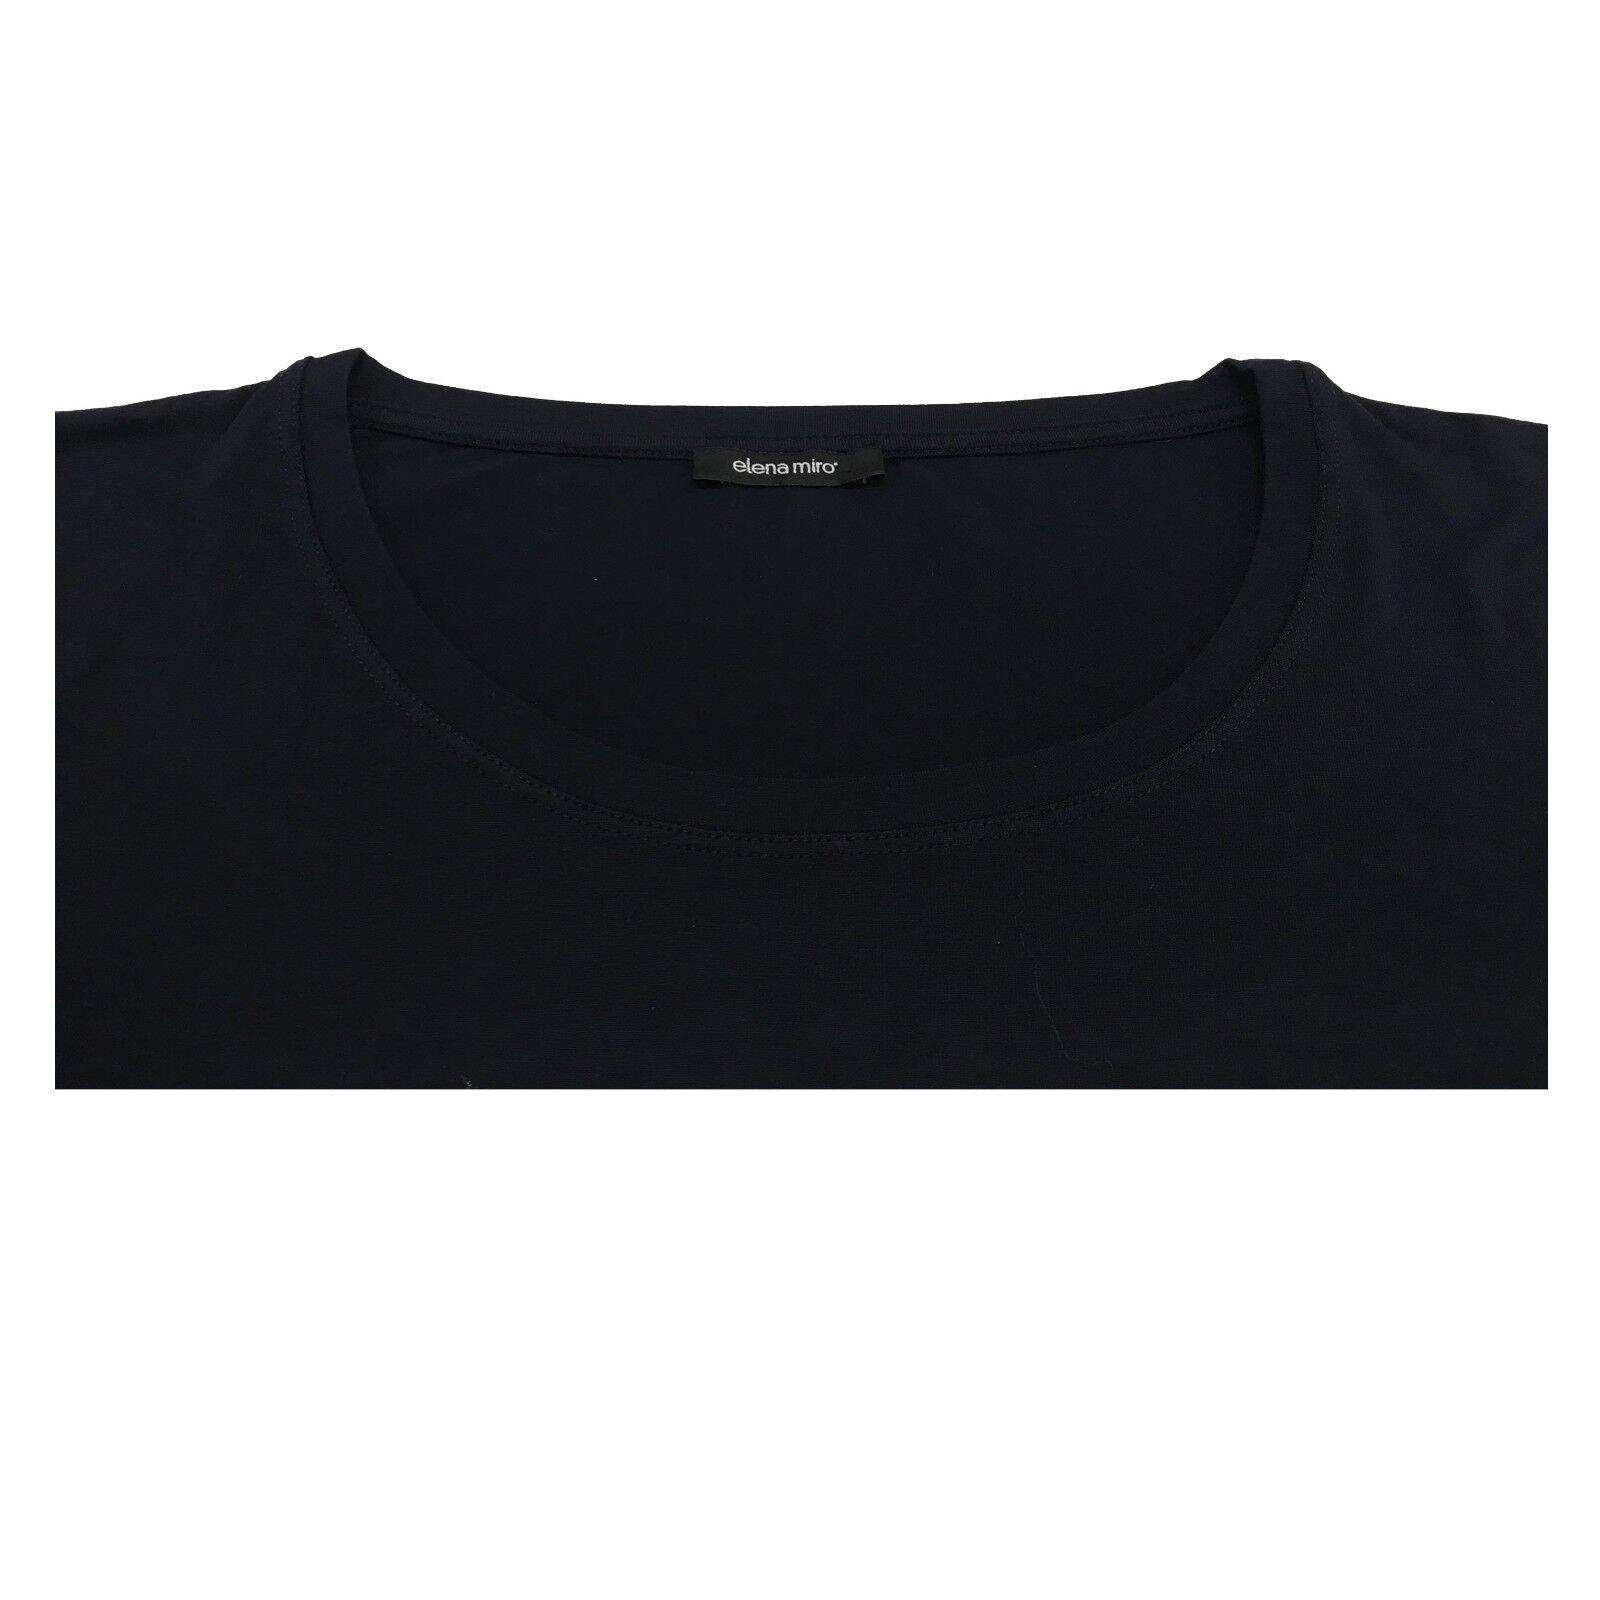 ELENA MIRÒ t-shirt donna blu manica 3 4 97% 97% 97% viscosa 3% elastan 37a553